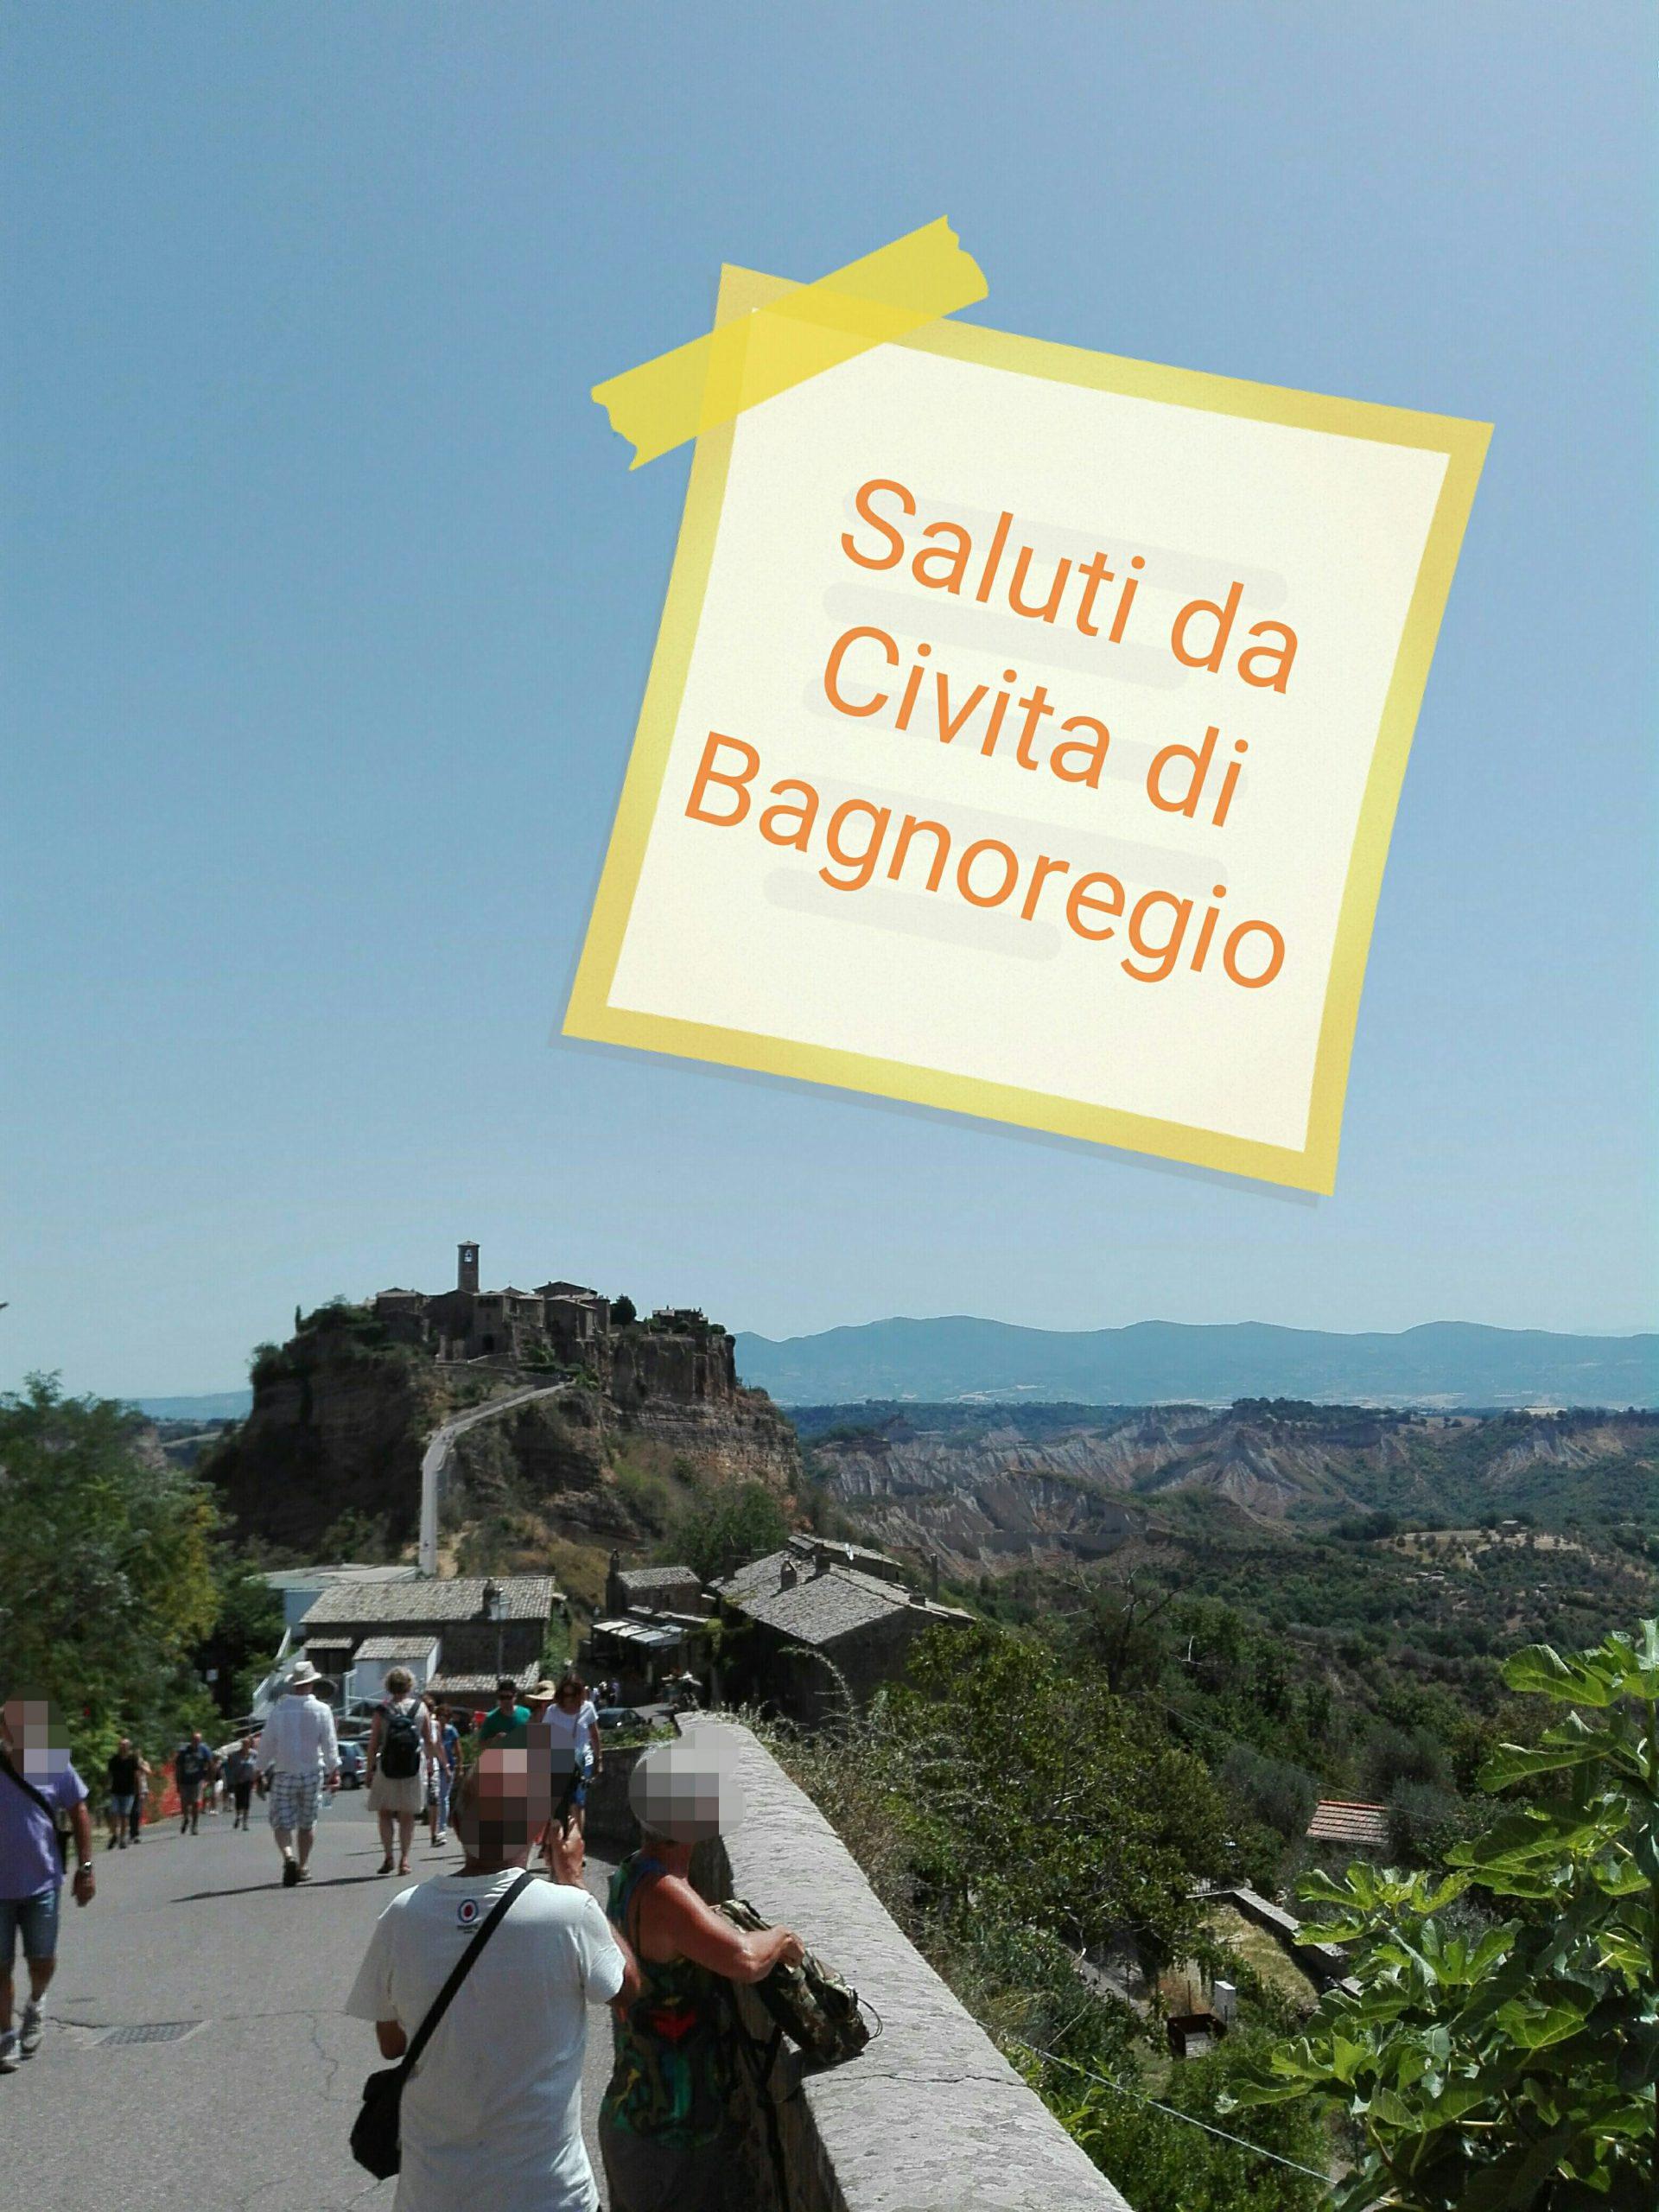 #CartolineDalMondo: Saluti da Civita di Bagnoregio